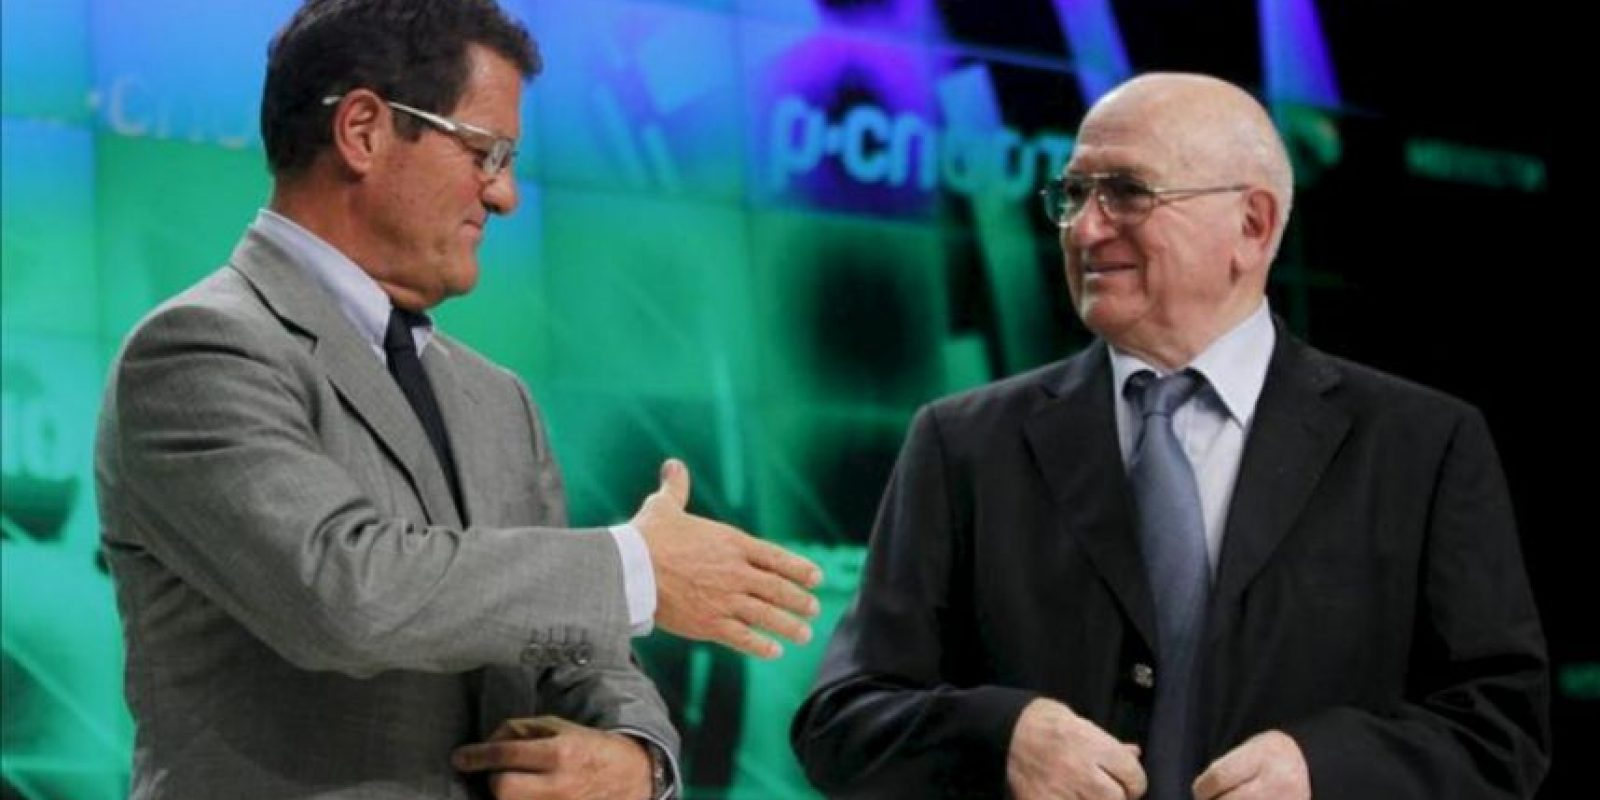 El entrenador italiano y seleccionador ruso Fabio Capello (i) comparece junto al presidente de la Federación rusa de Fútbol. EFE